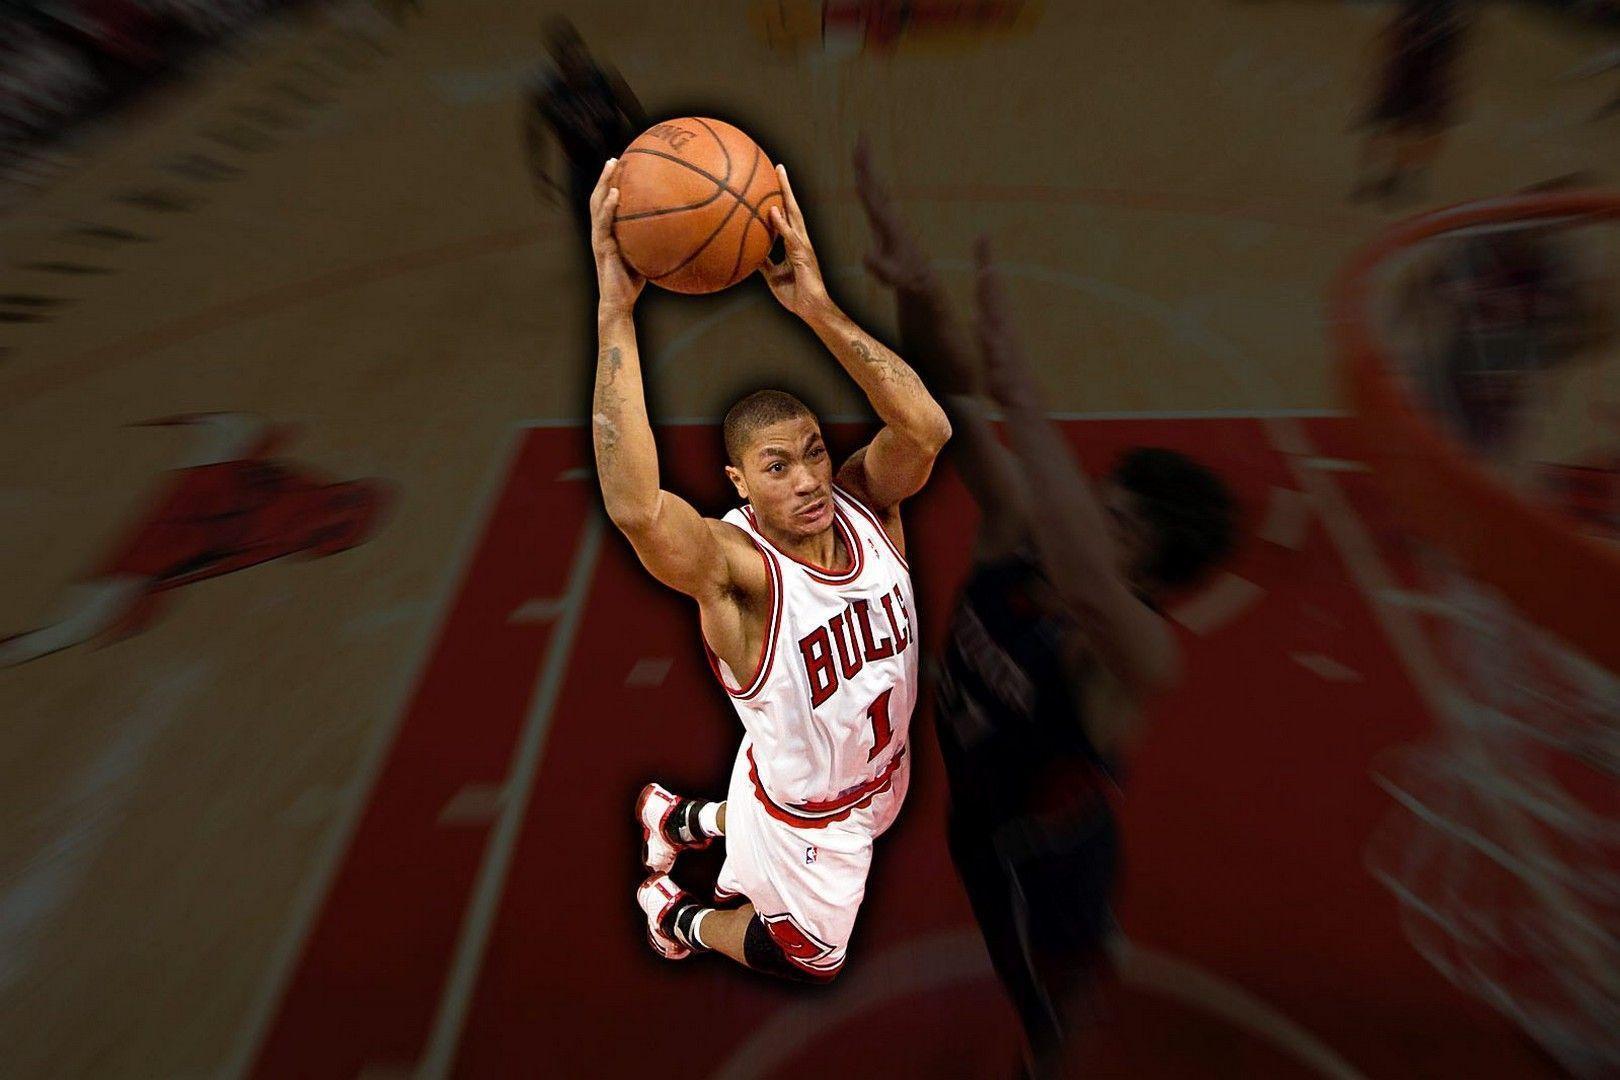 derrick rose wallpaper dunk - photo #6